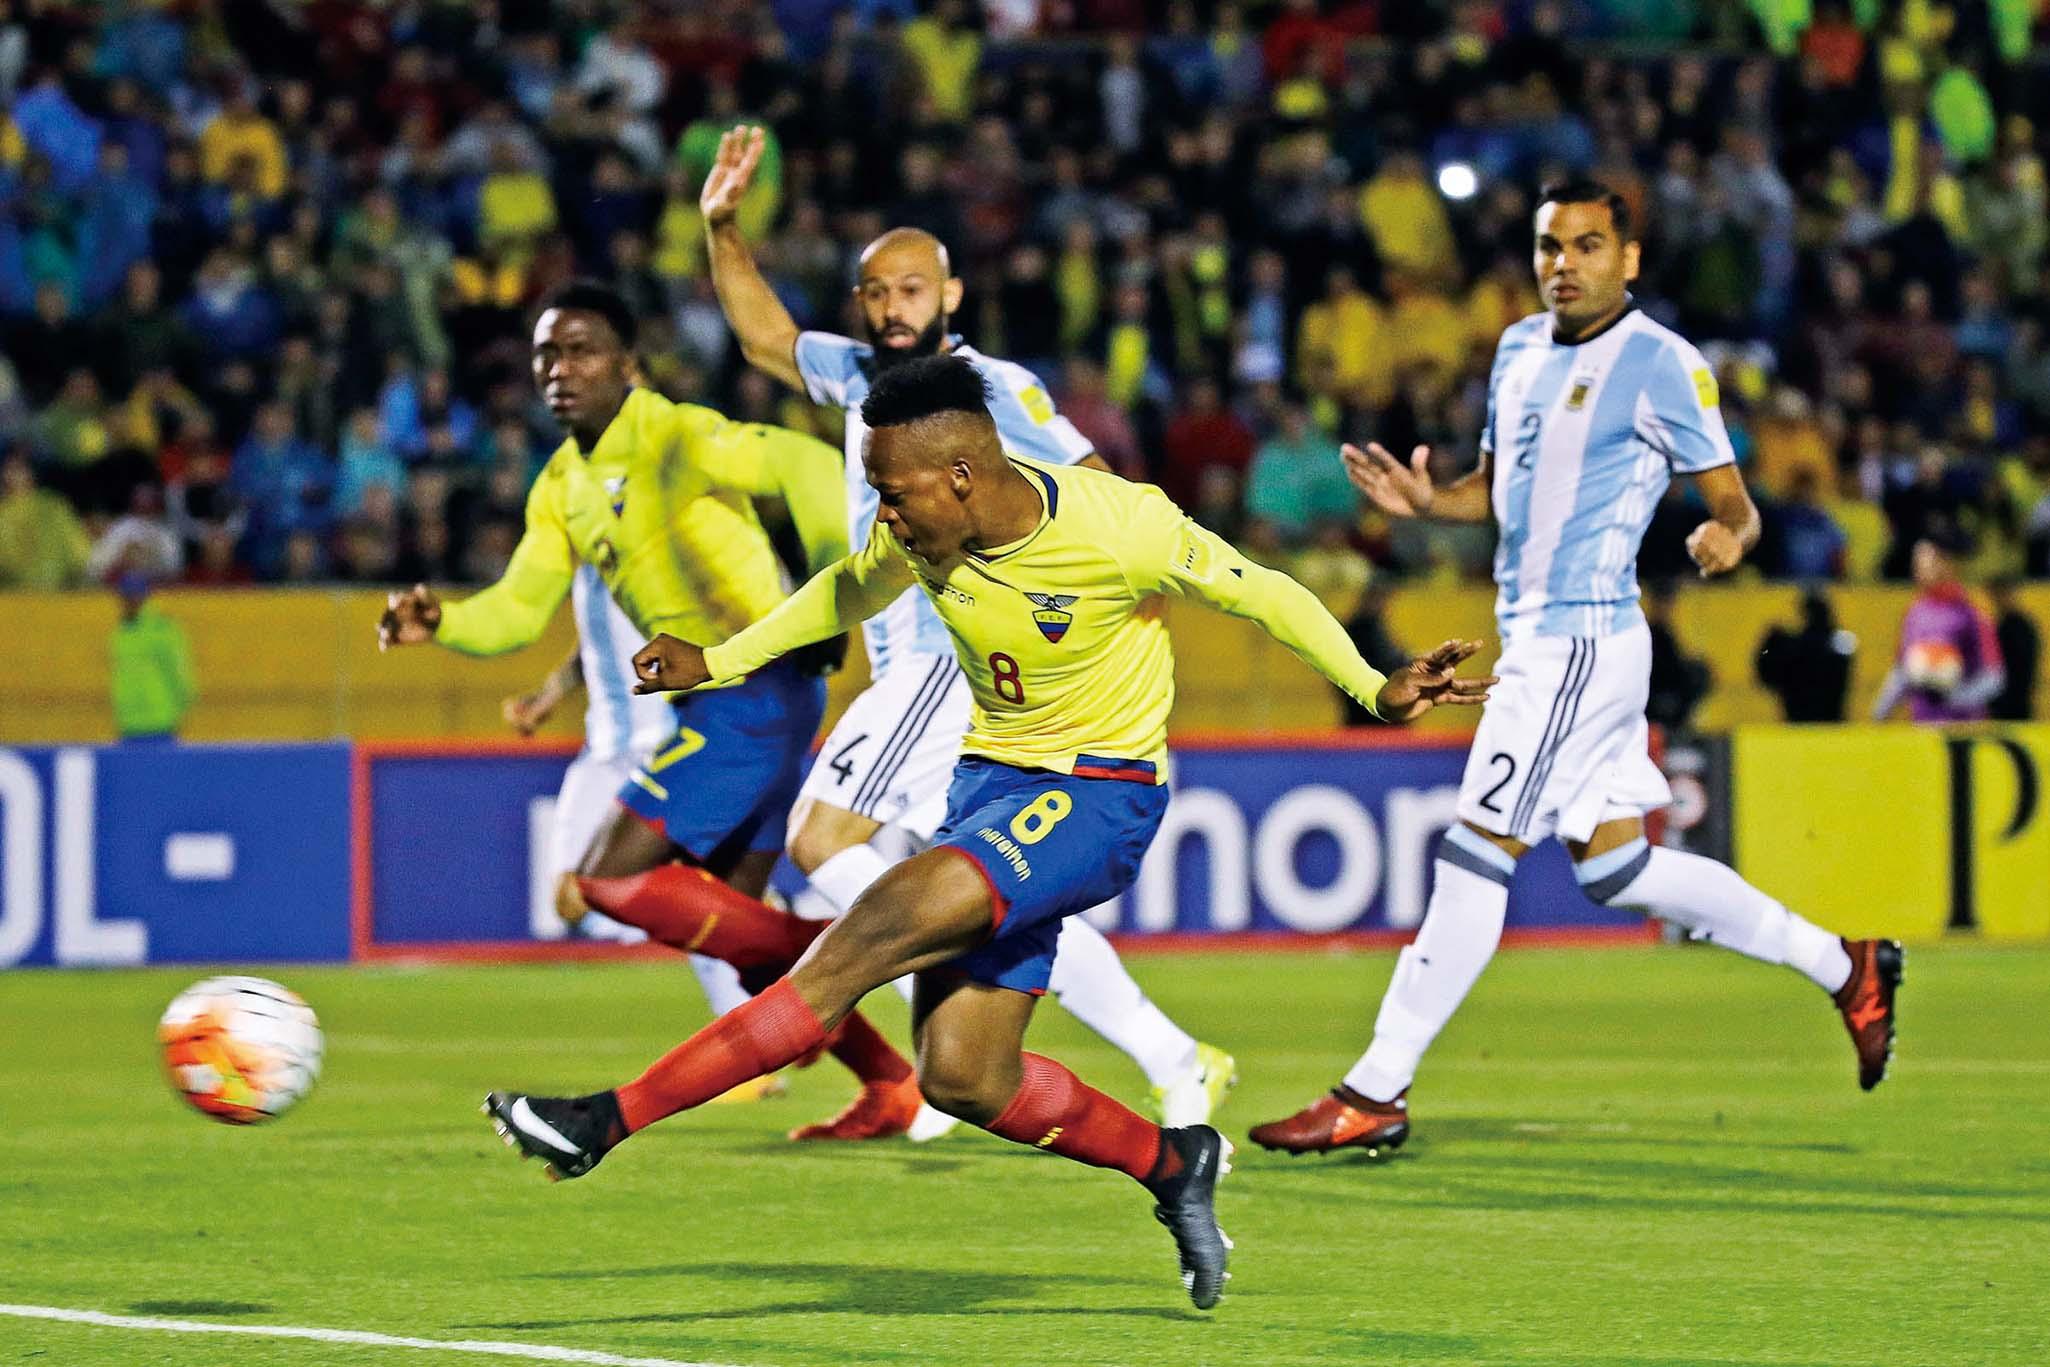 阿根廷喜入決賽周